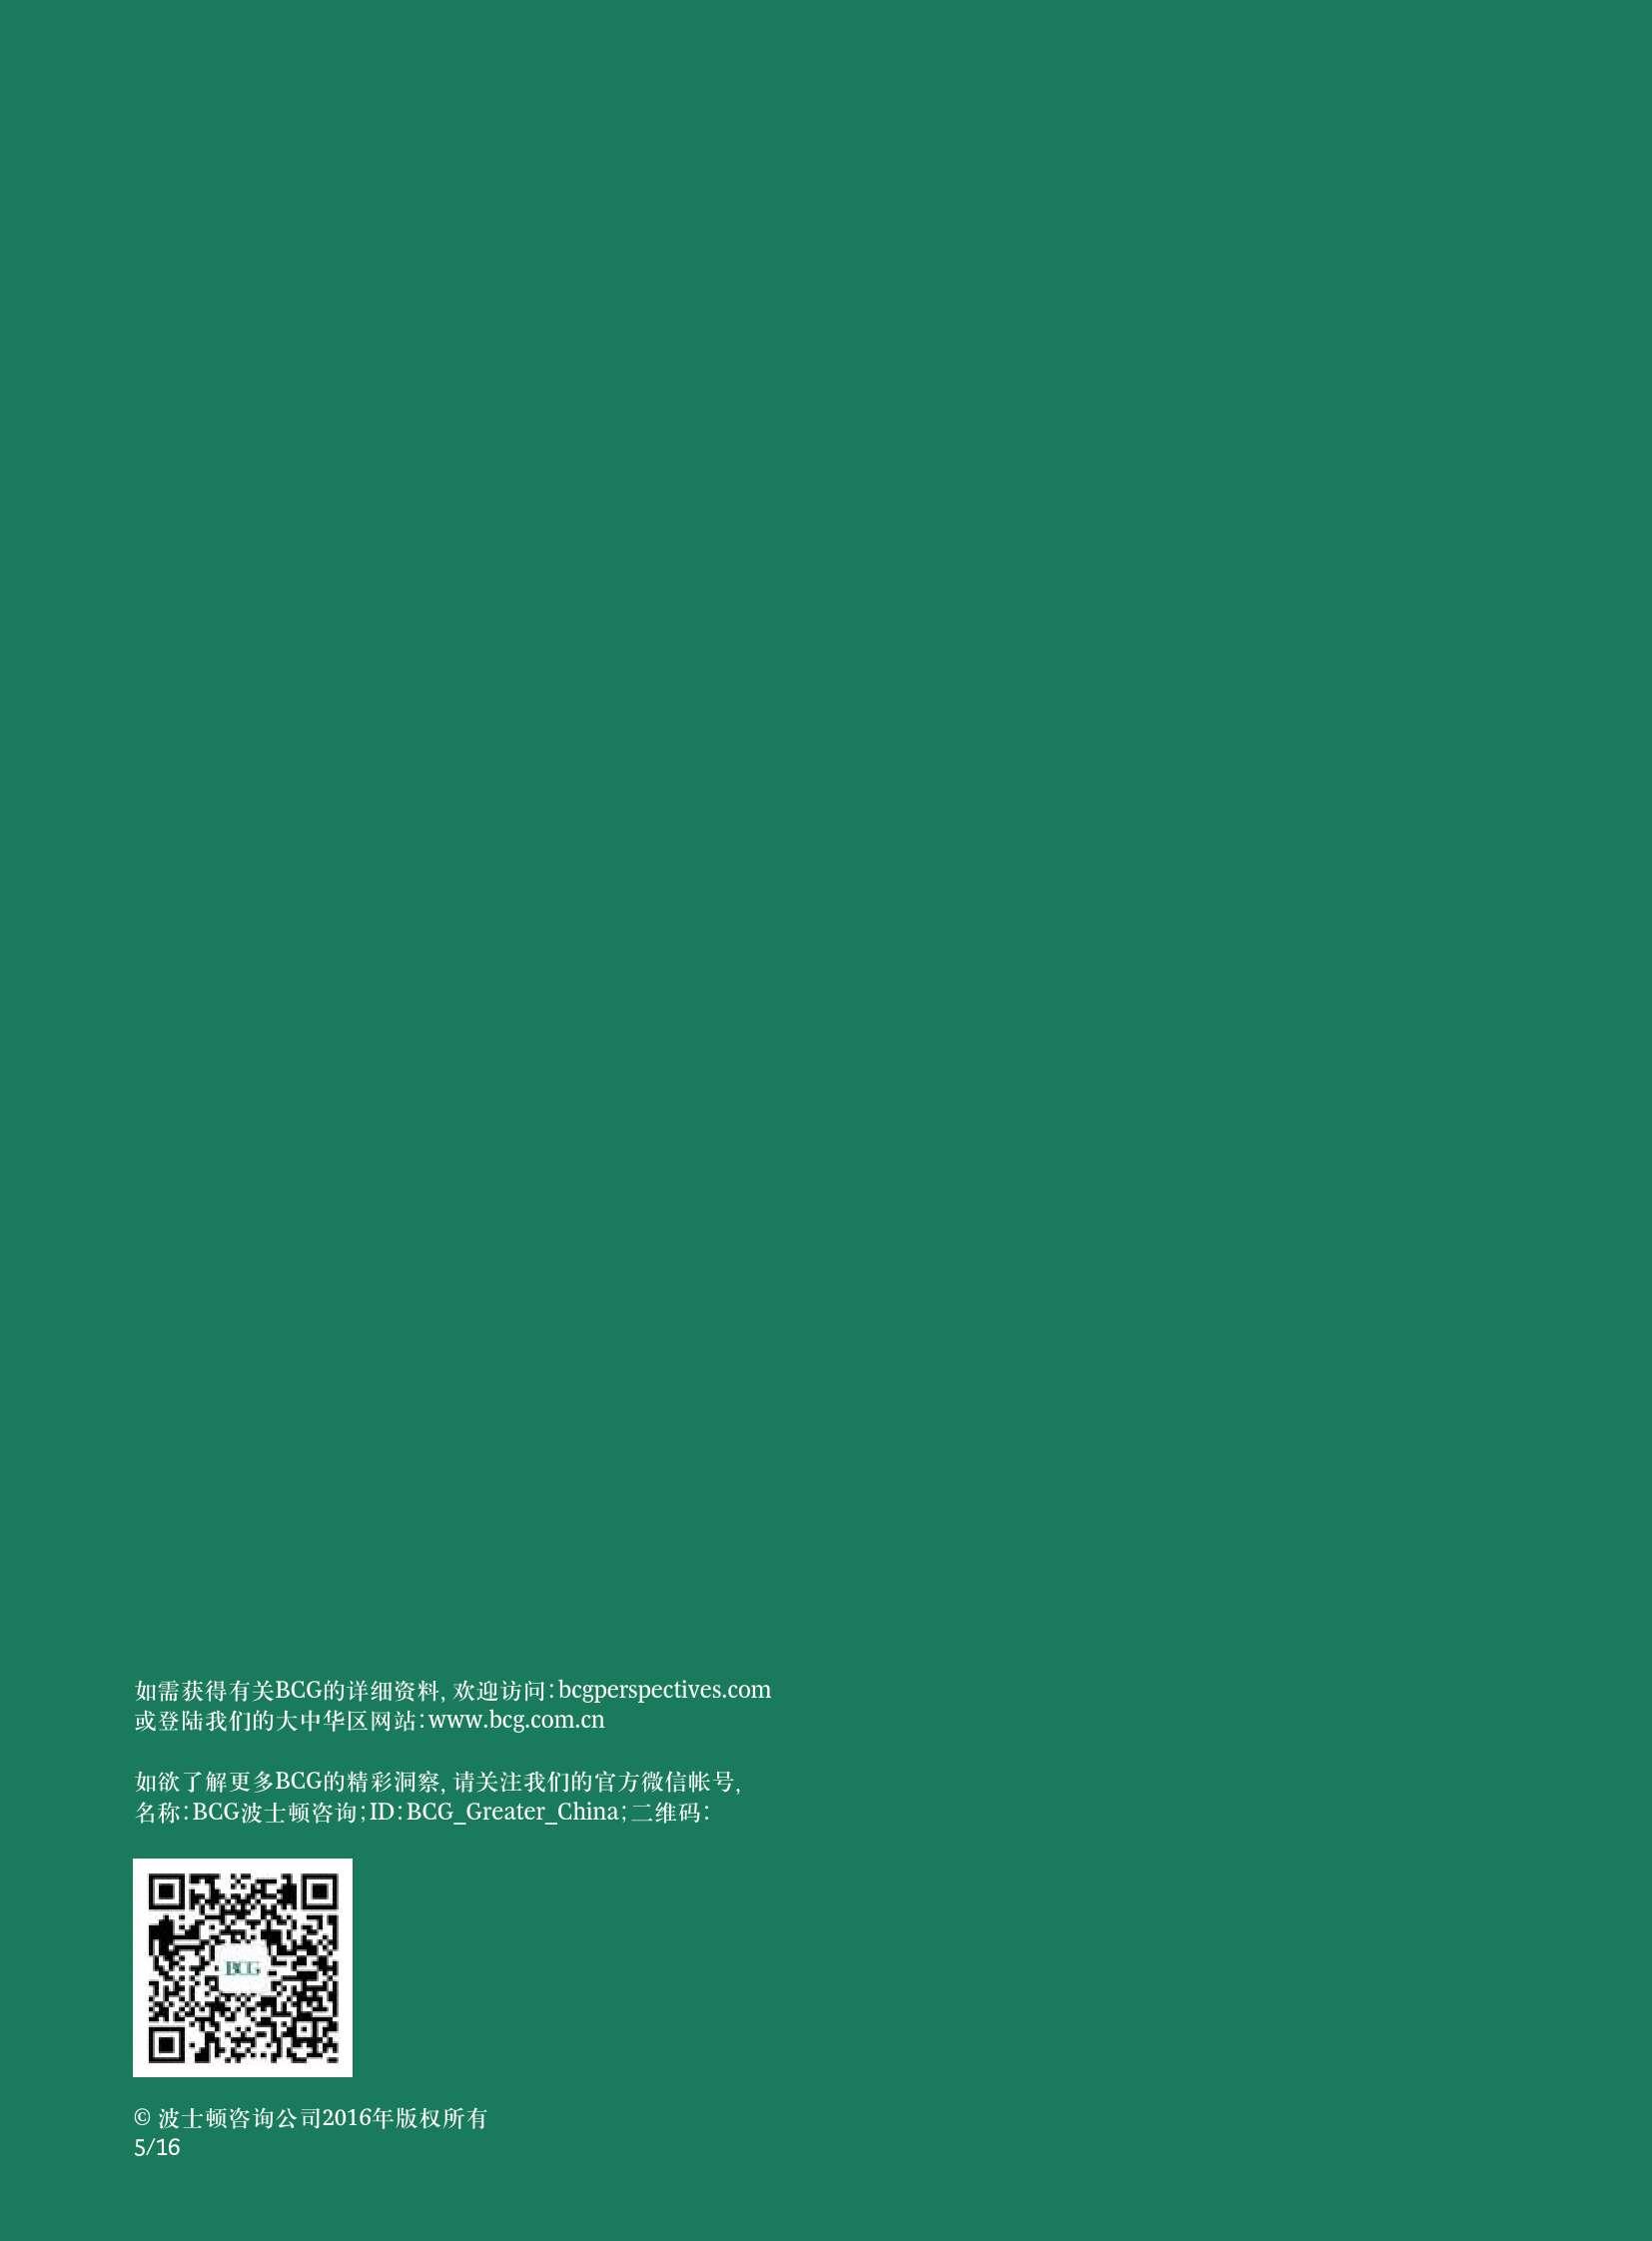 工业4.0时代的人机关系_000019